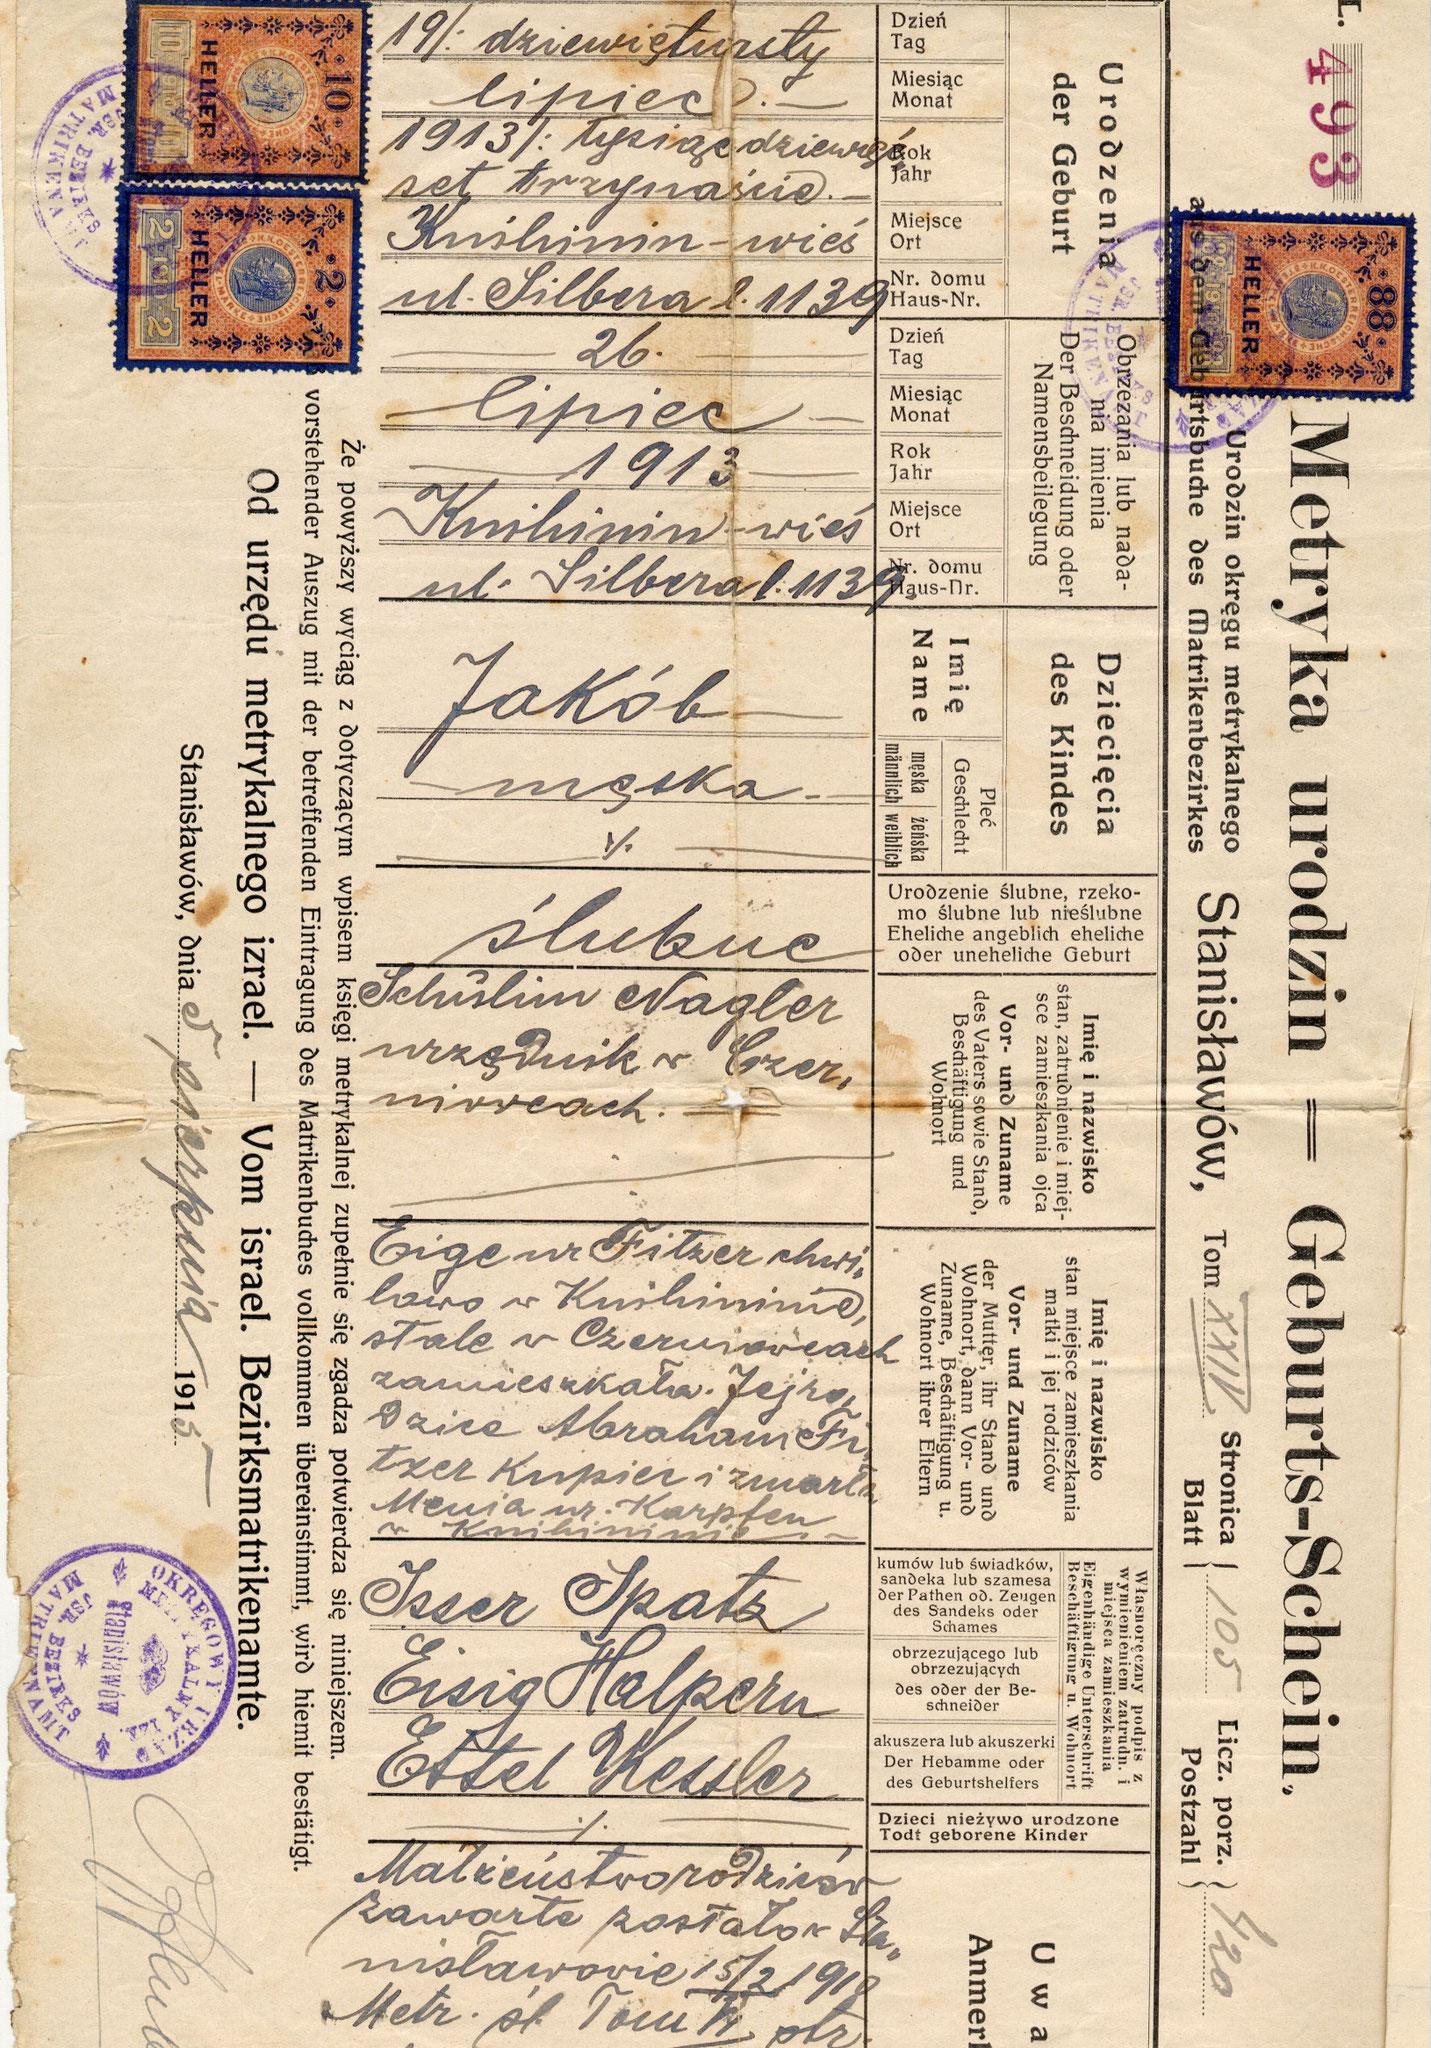 Certificato di nascita Giacomo Nagler (Kubi)